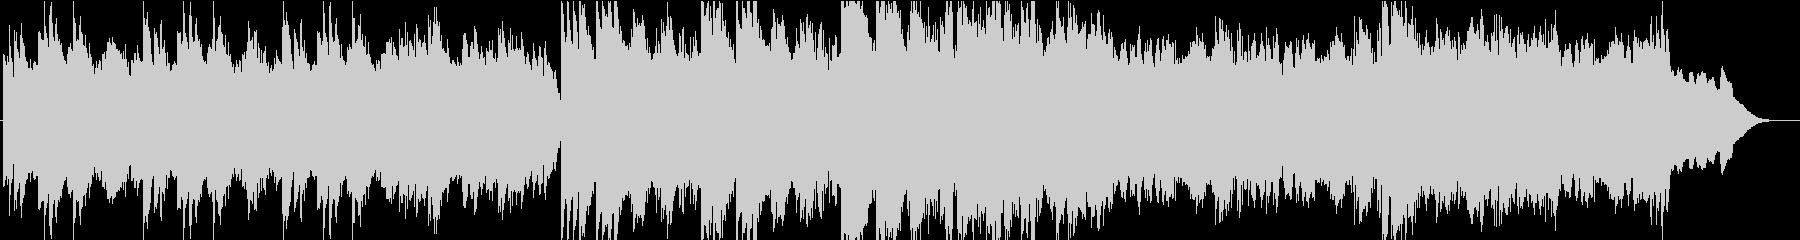 何かが色付き始めるような感動的なBGMの未再生の波形